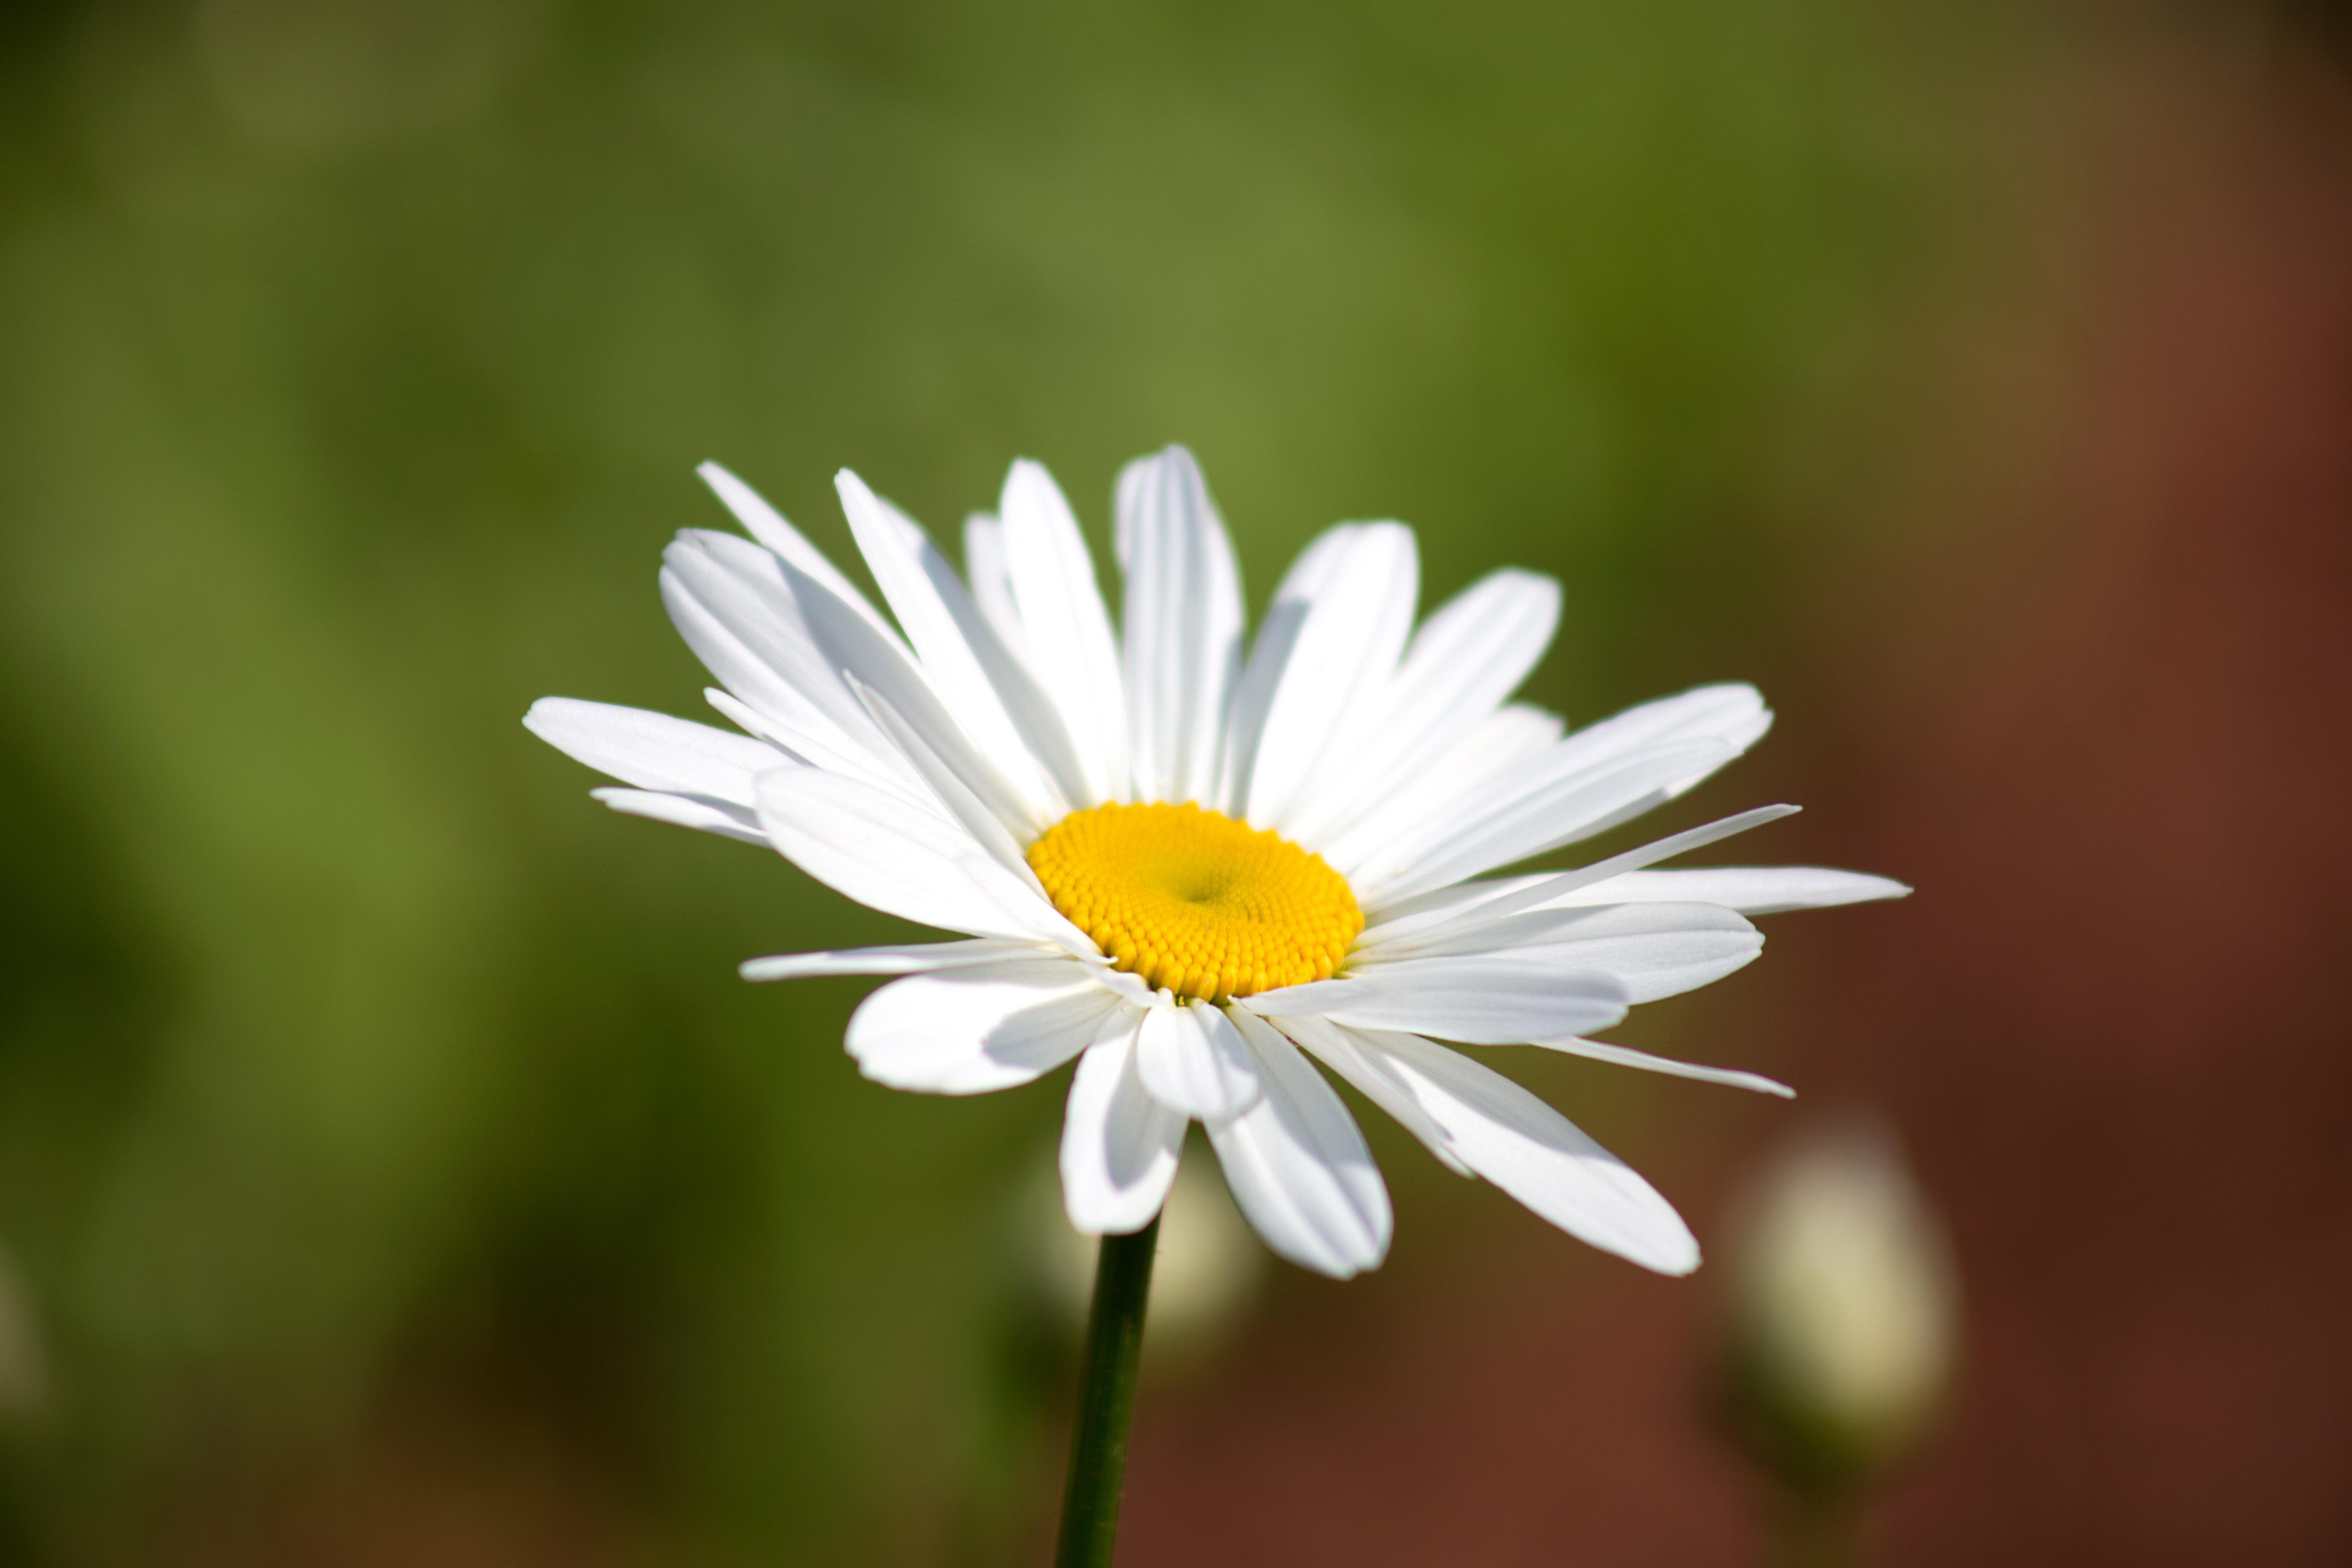 Images gratuites la nature fleur la photographie - Image fleur marguerite ...